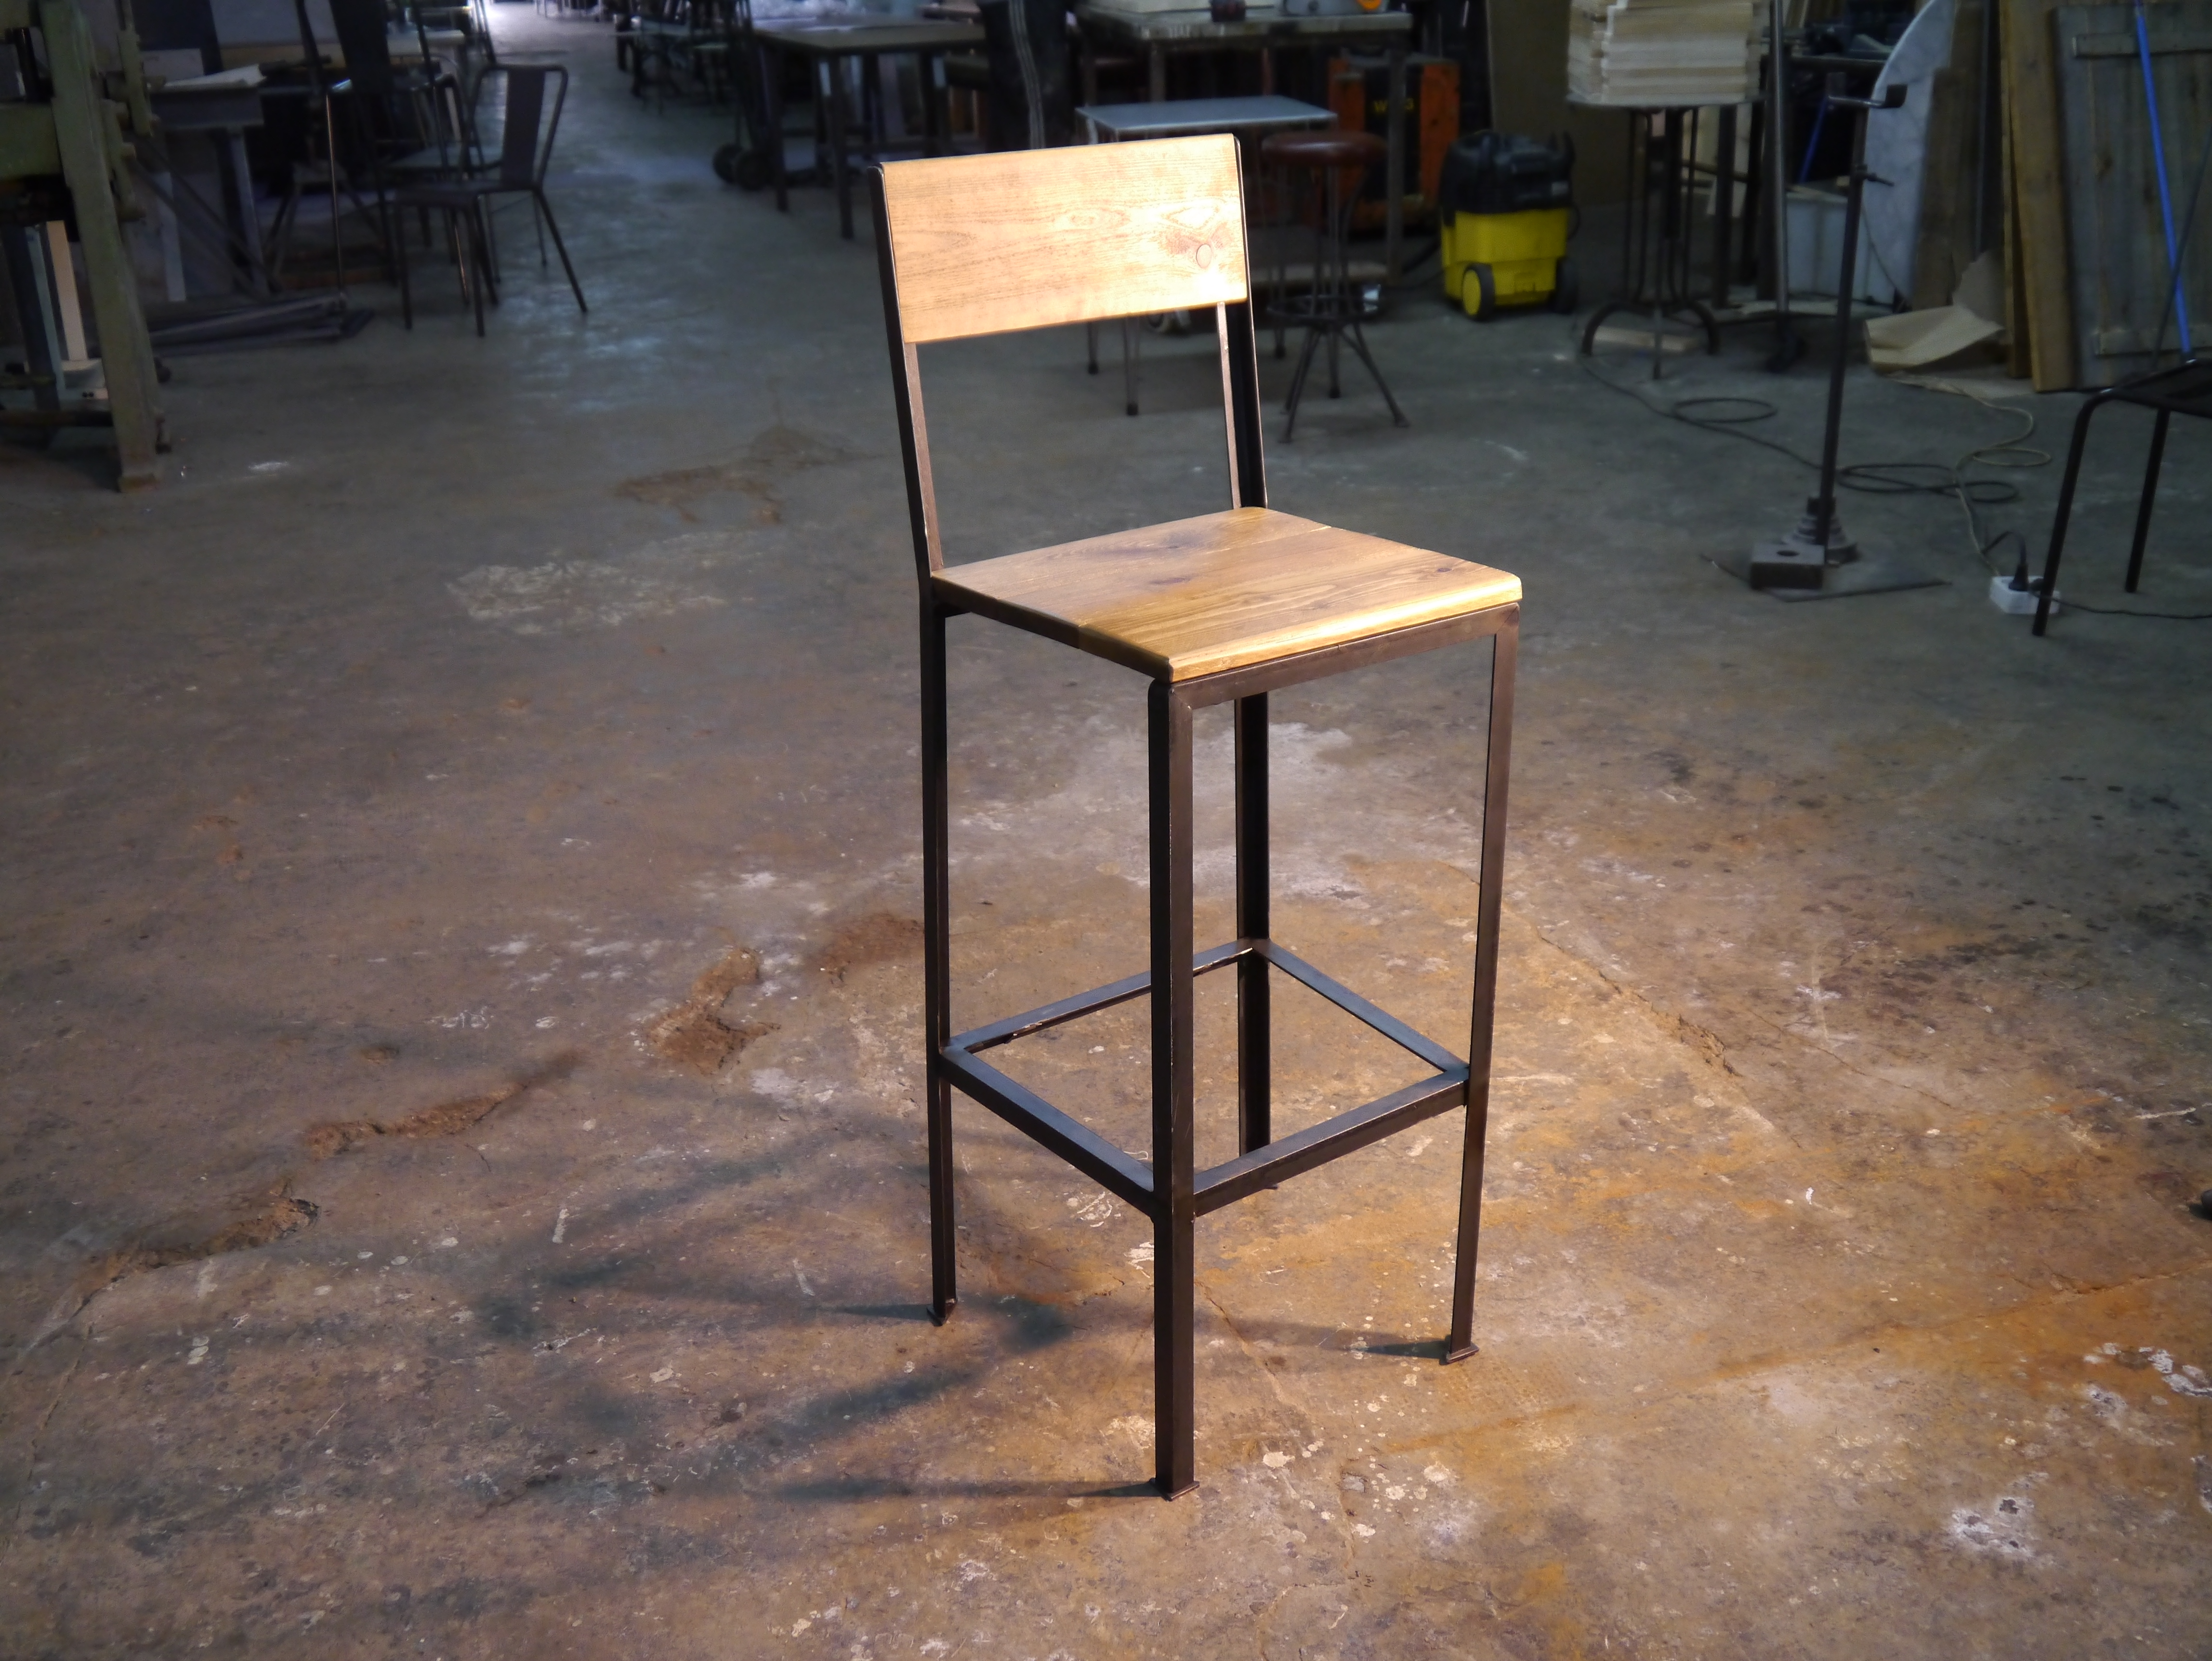 Mesas y sillas de estilo vintage retro industrial hosteleria fabricante de mesas taburetes y - Sillas hosteleria barcelona ...